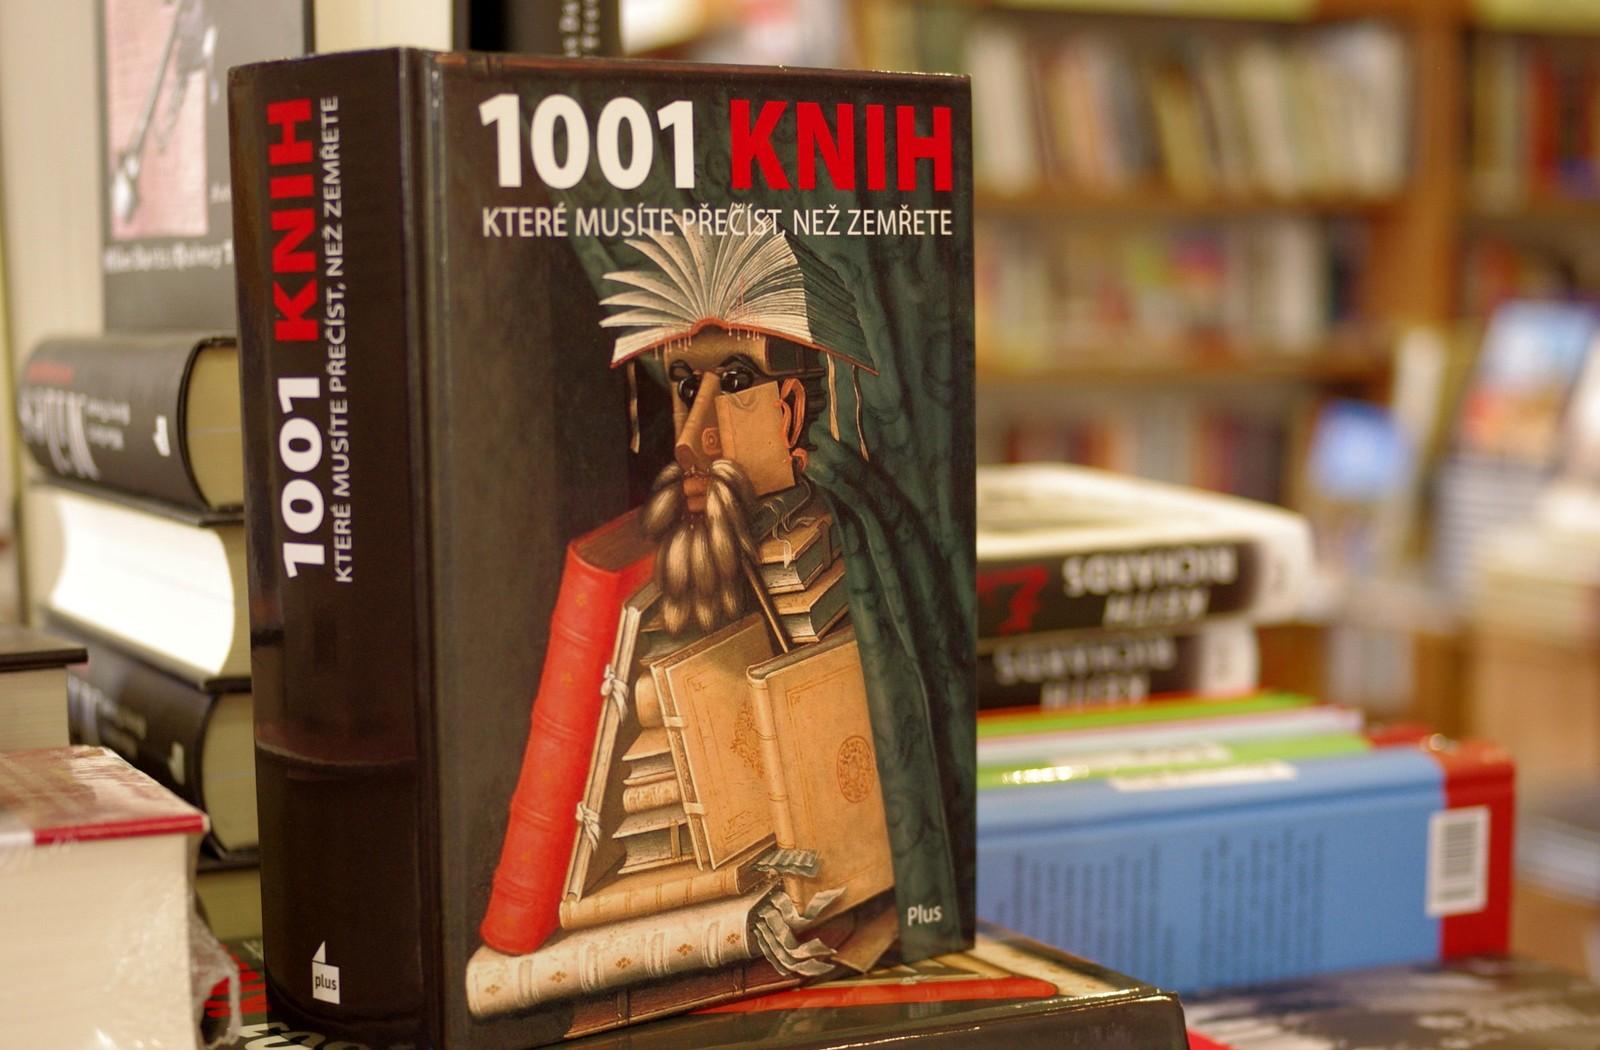 1001 knih, které musíte přečíst, než zemřete